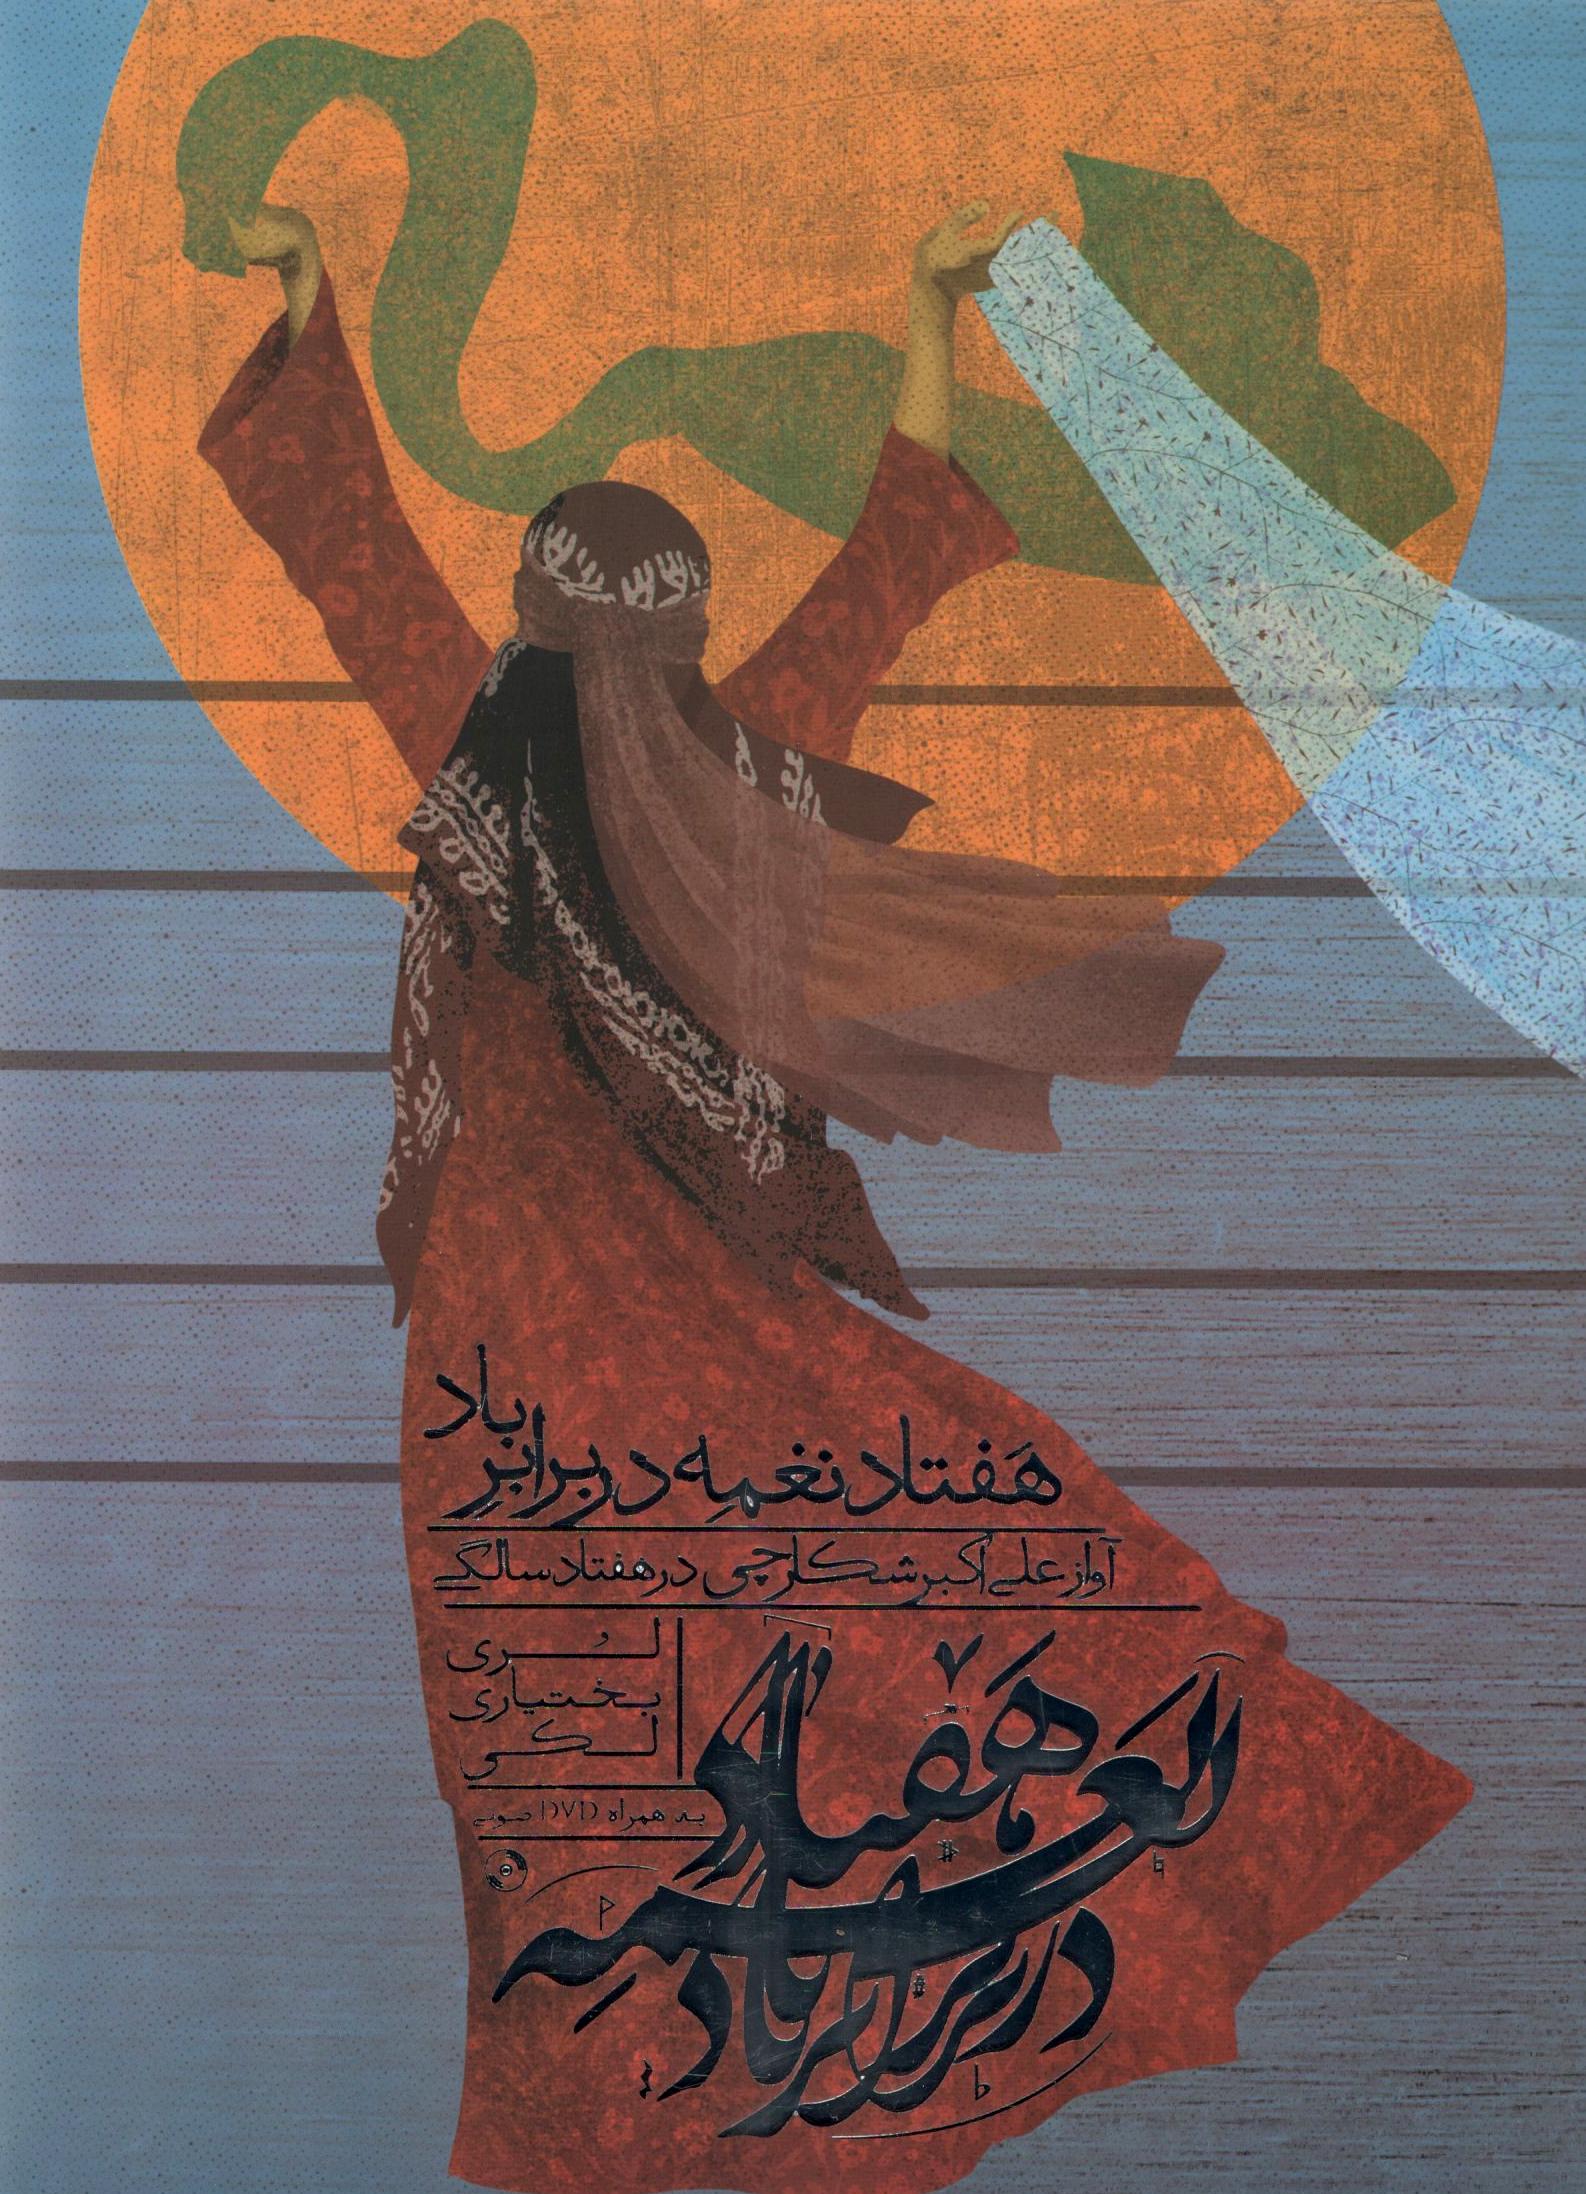 هفتاد نغمه در برابر باد علی اکبر شکارچی